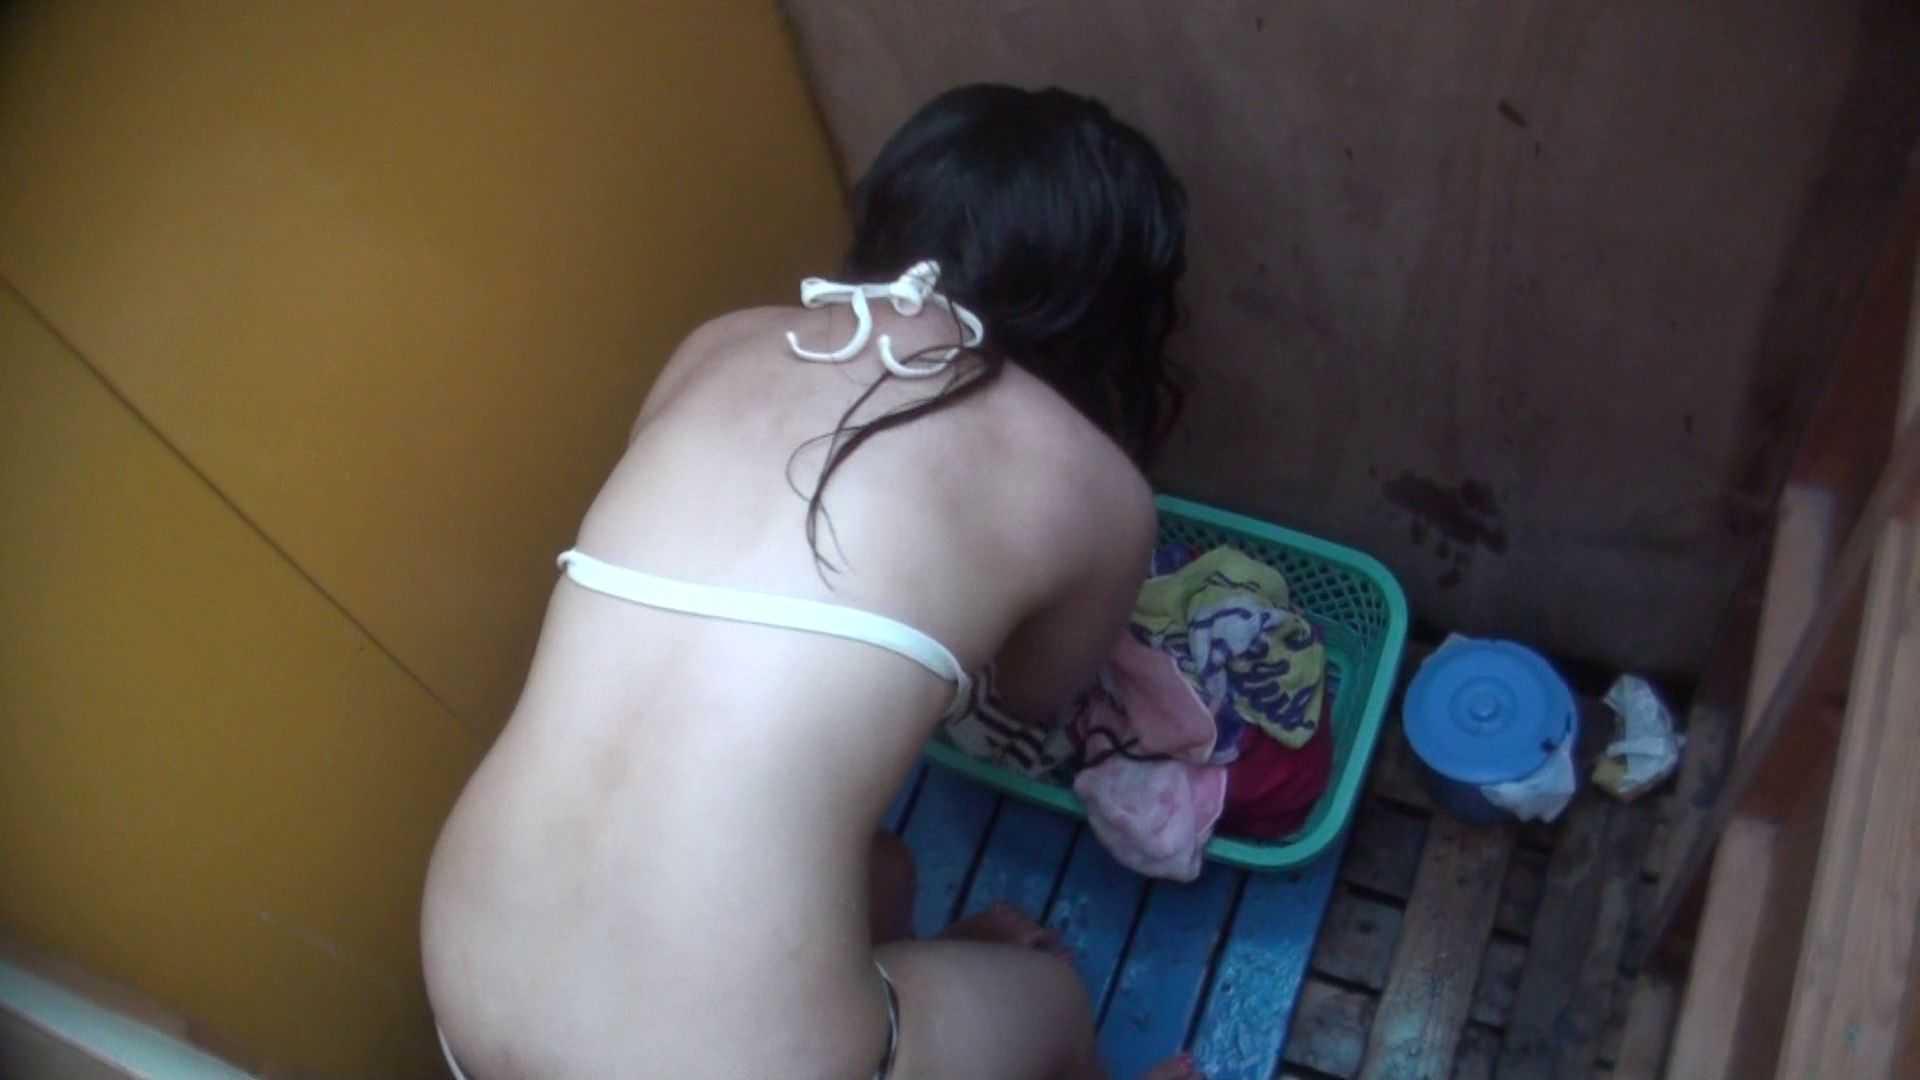 シャワールームは超!!危険な香りVol.13 ムッチムチのいやらしい身体つき 高画質  76pic 33